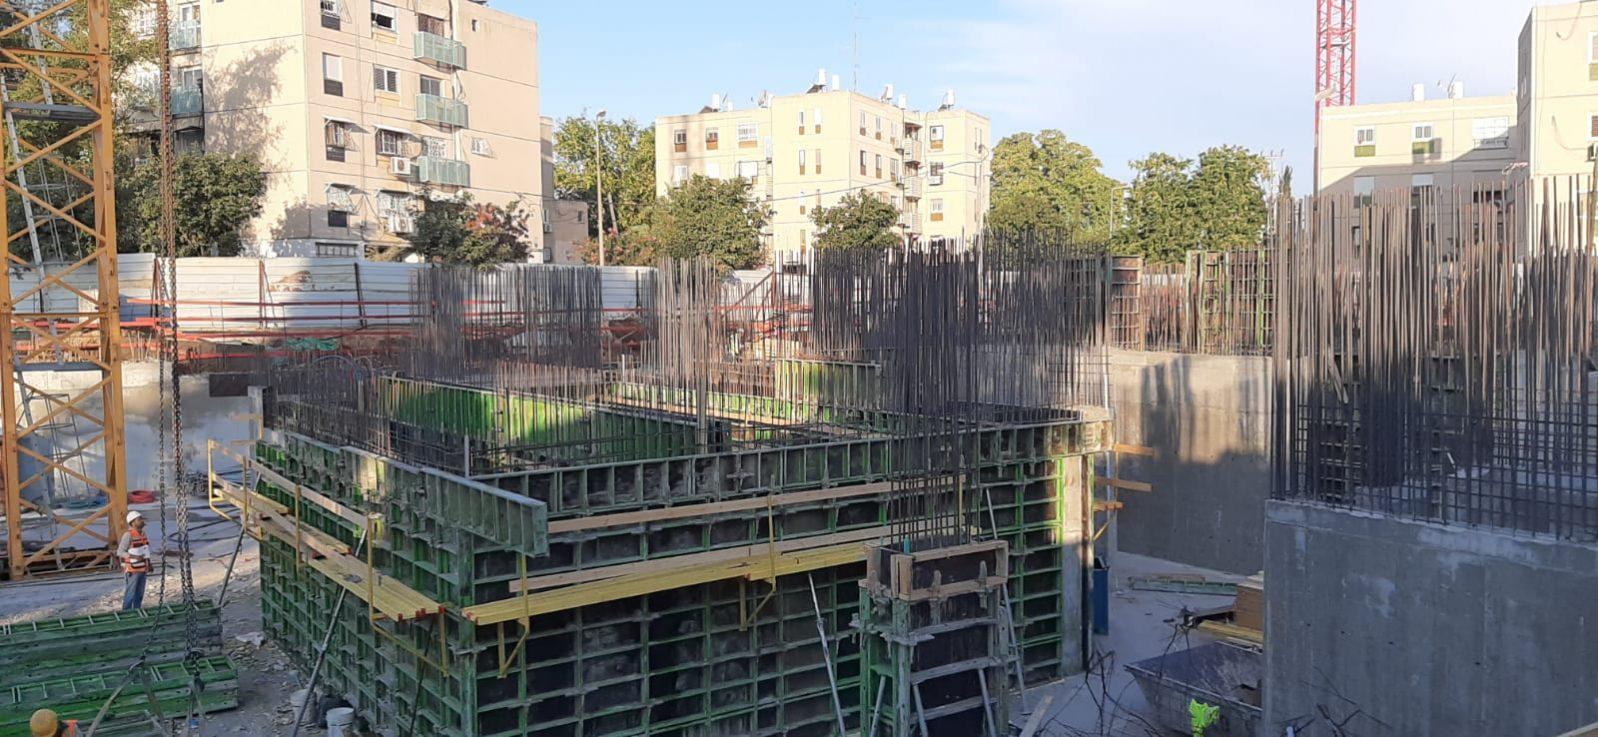 הסתיימה בניית מרתף החניון במגרש 103, במגרש 102 מתבצעות עבודות בניה של התקרה האחרונה בחניון, רצפת קומת הקרקע. 25.10.2019